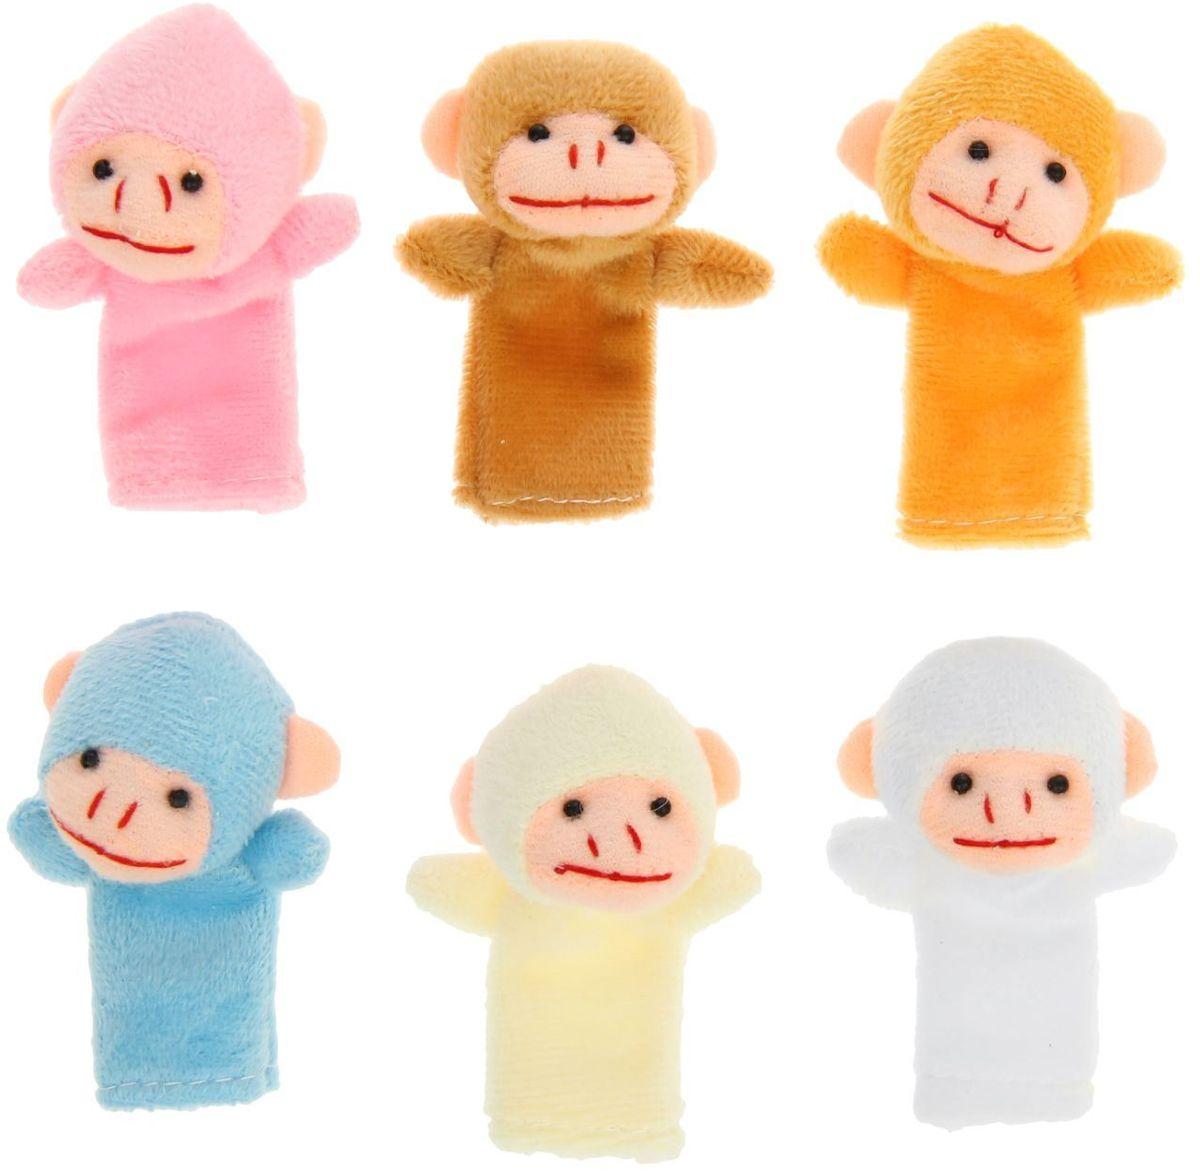 Sima-land Набор пальчиковых игрушек Обезьяна 10 шт sima land набор пальчиковых кукол семья